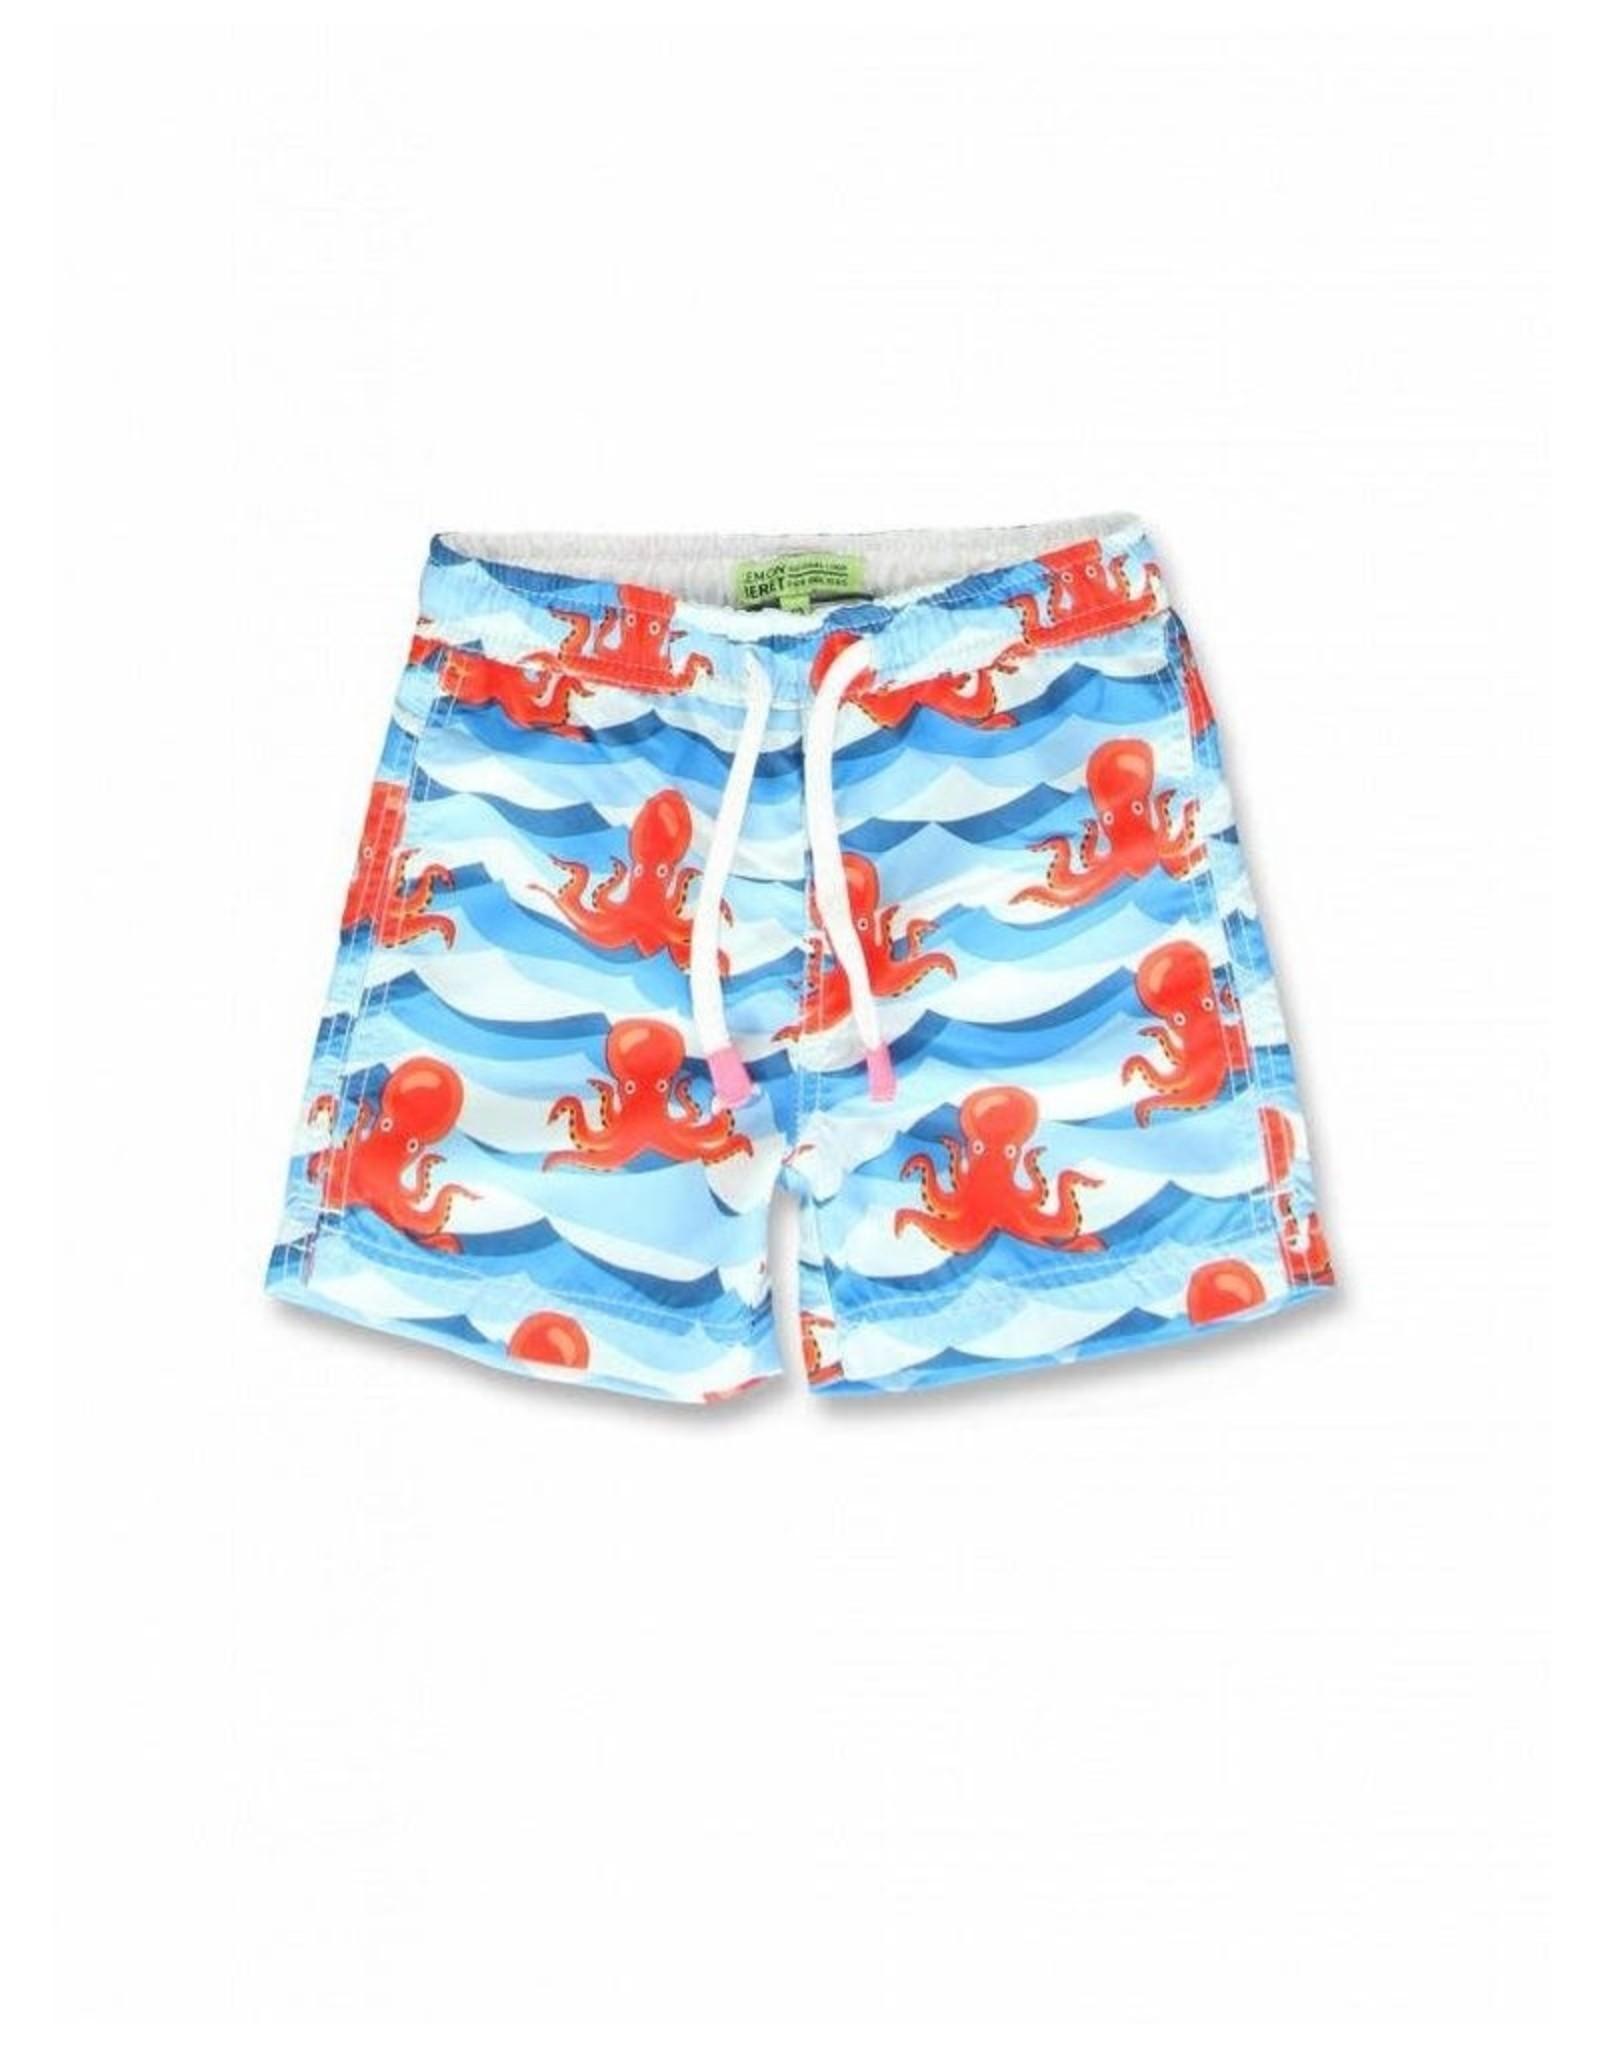 Lemon Beret Lemon Beret Small Boys Swimwear Fiesta